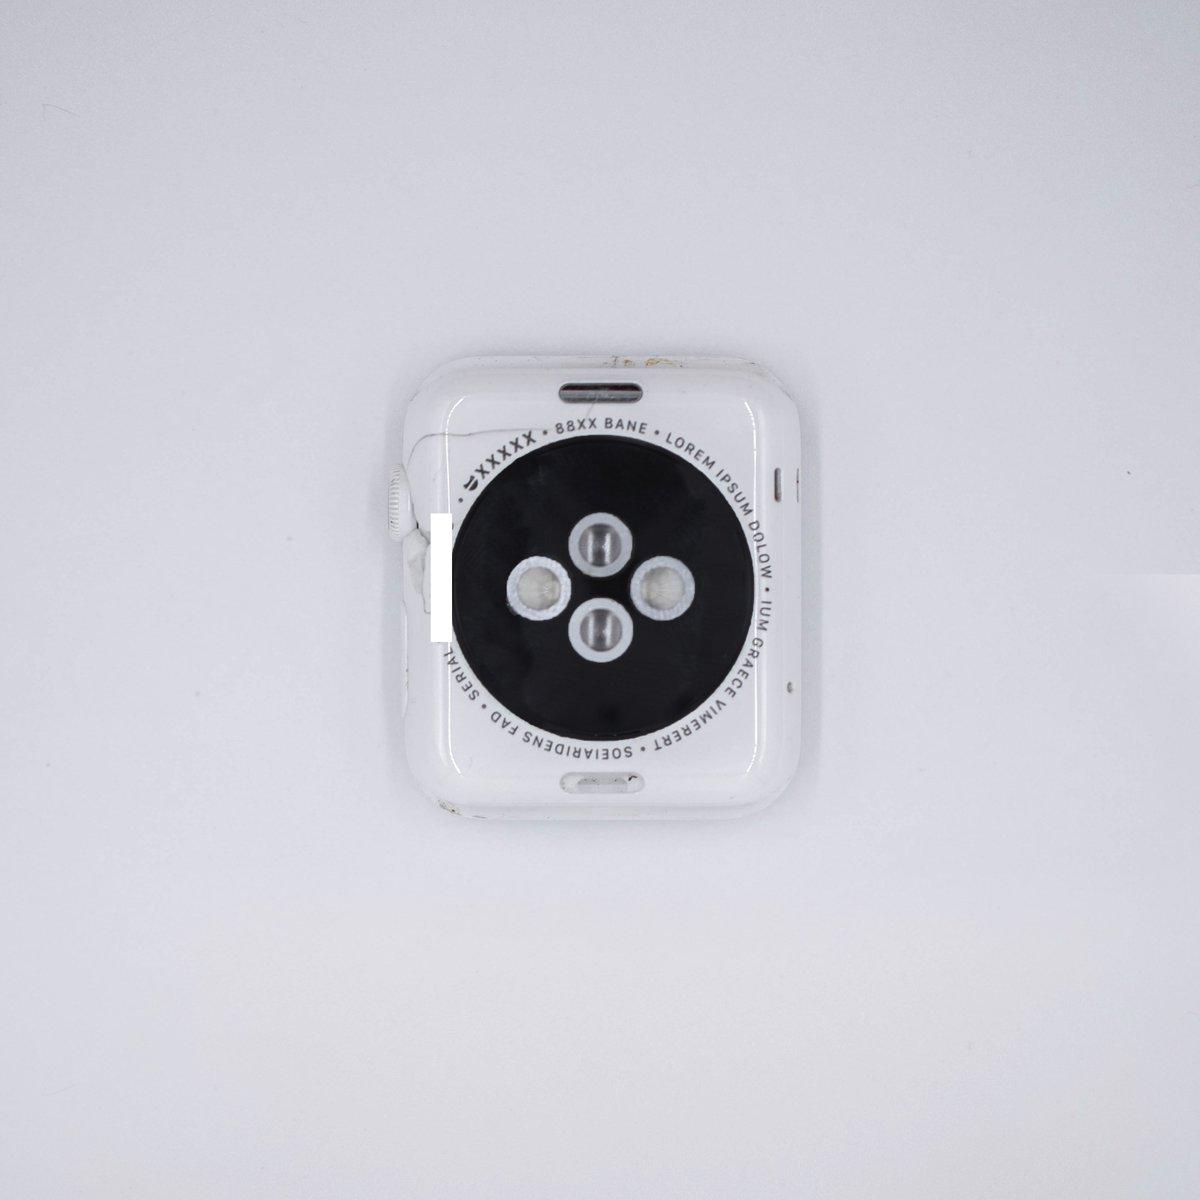 انتشار تصاویری از نمونه اولیه نسل اول اپل واچ با بدنه سرامیکی